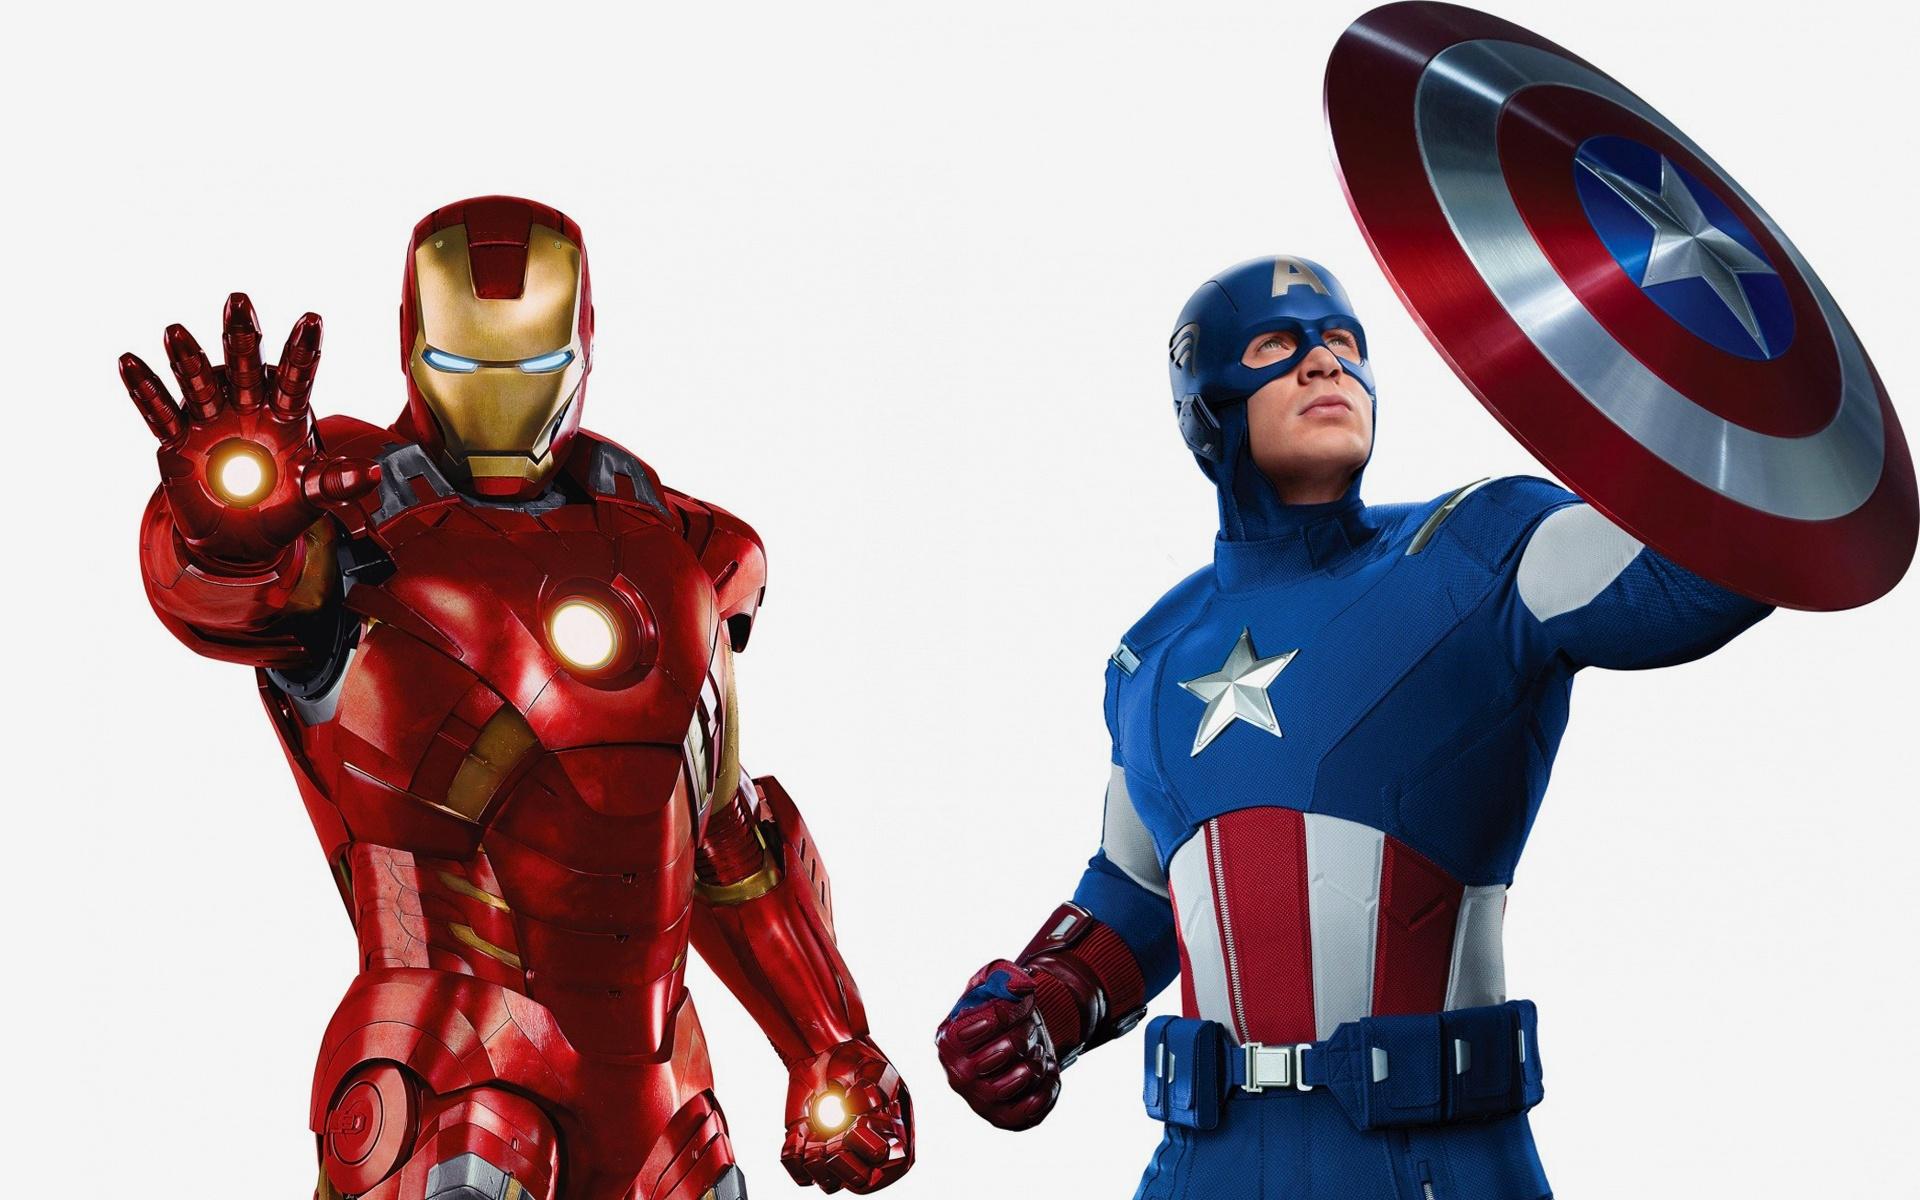 壁纸 复仇者联盟,钢铁侠,美国队长 1920x1200 HD 高清壁纸, 图片, 照片 Avengers Wallpaper Hd Hulk